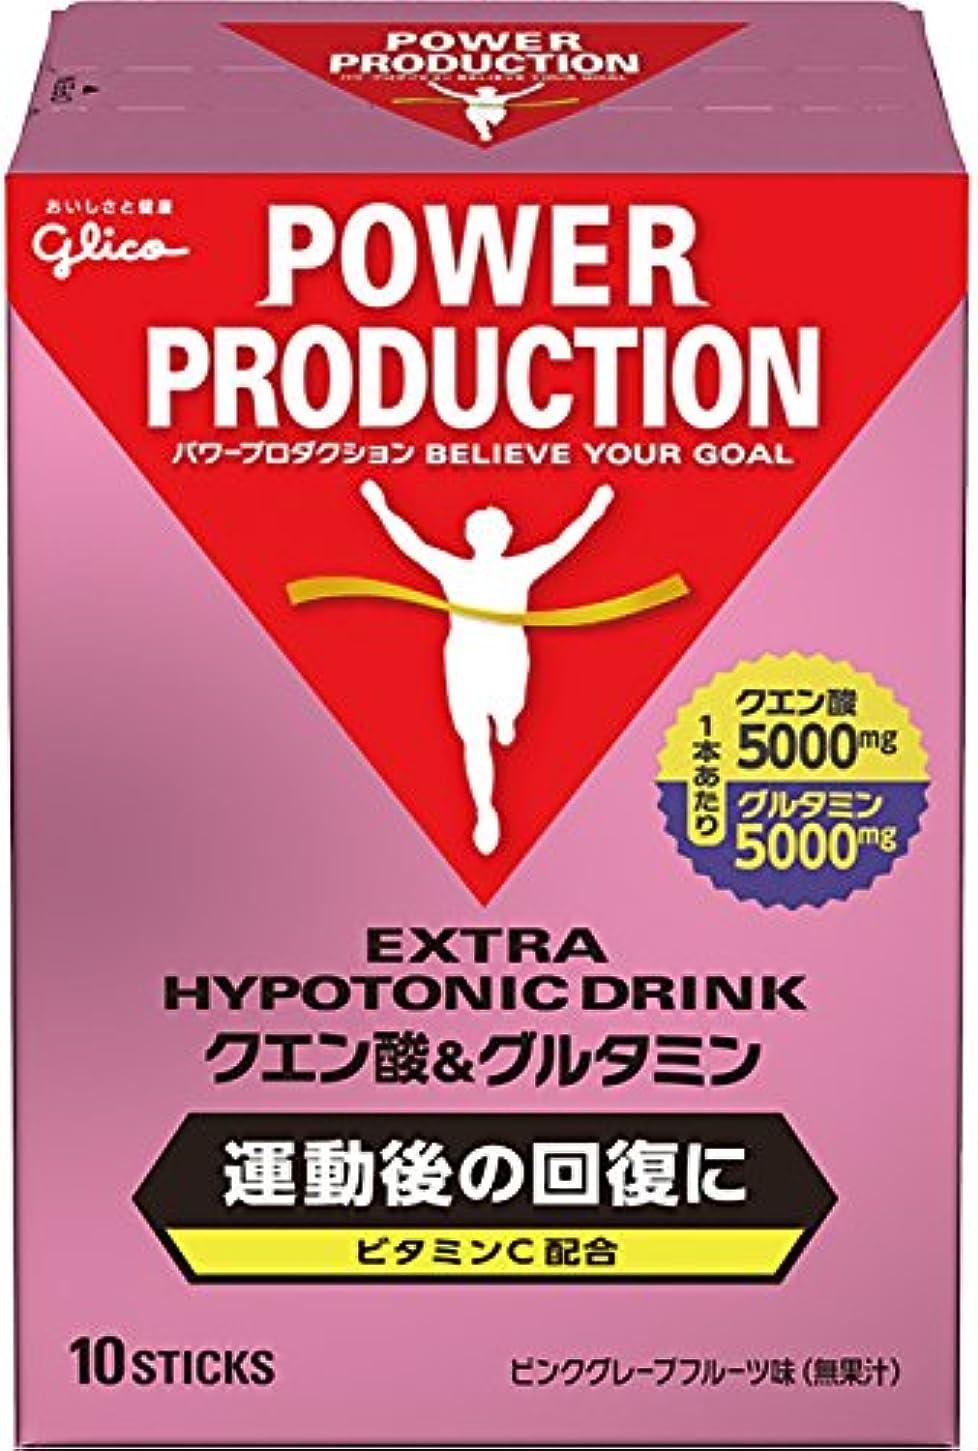 シリアル願望同様のグリコ パワープロダクション エキストラ ハイポトニックドリンク クエン酸&グルタミン ピンクグレープフルーツ味 1袋 (12.4g) 10本